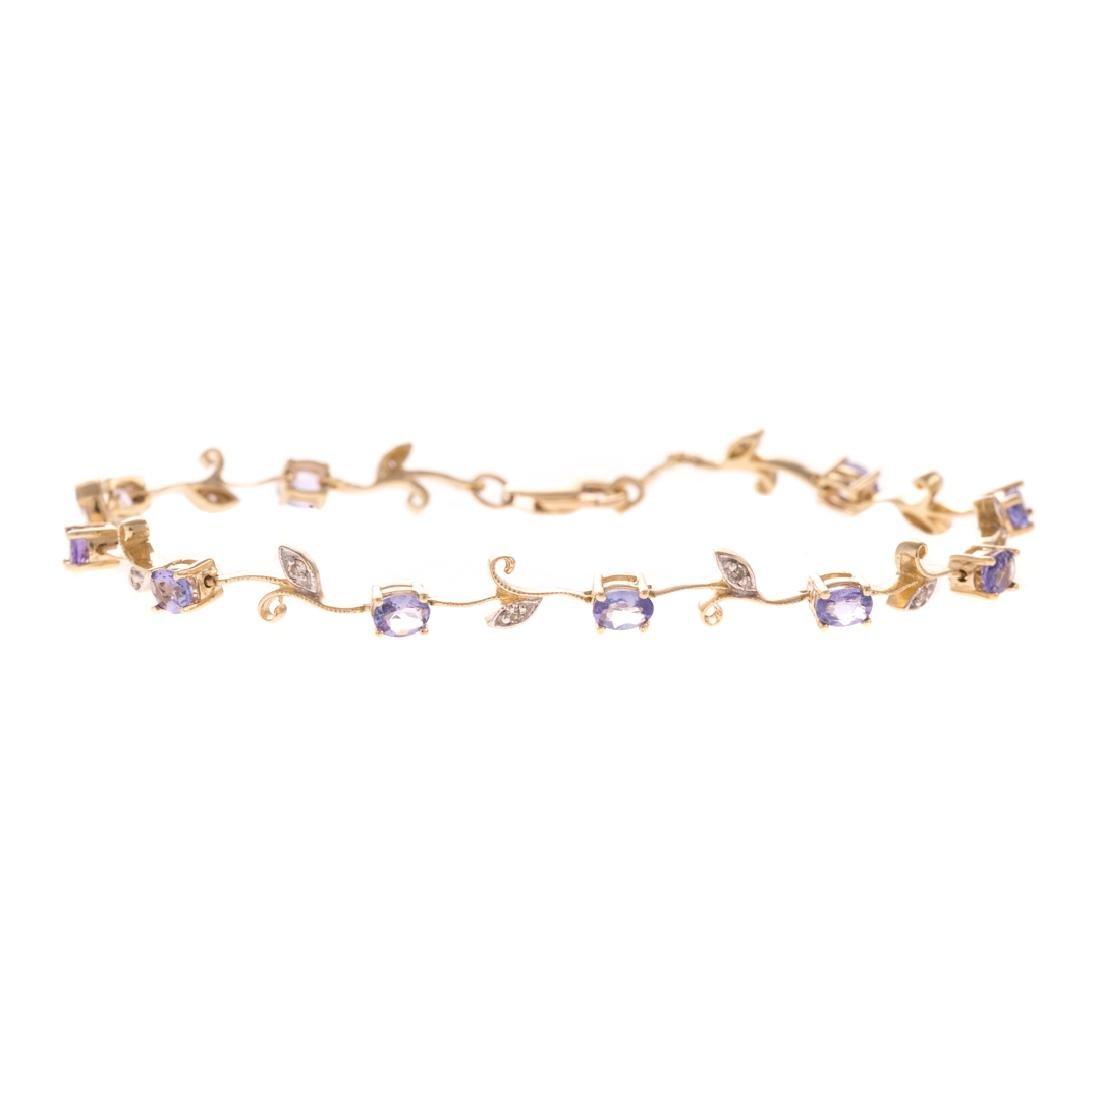 A Lady's Tanzanite & Diamond Floral Bracelet